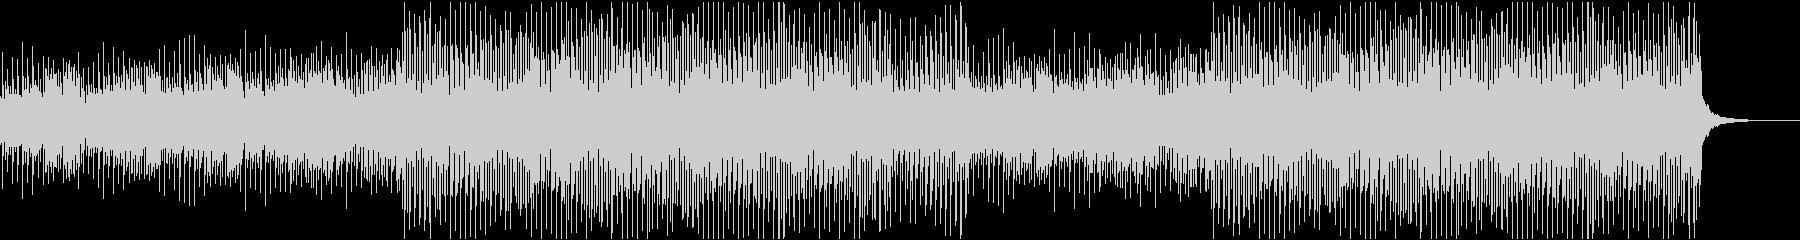 アコギとピアノ おしゃれで優しい映像用の未再生の波形